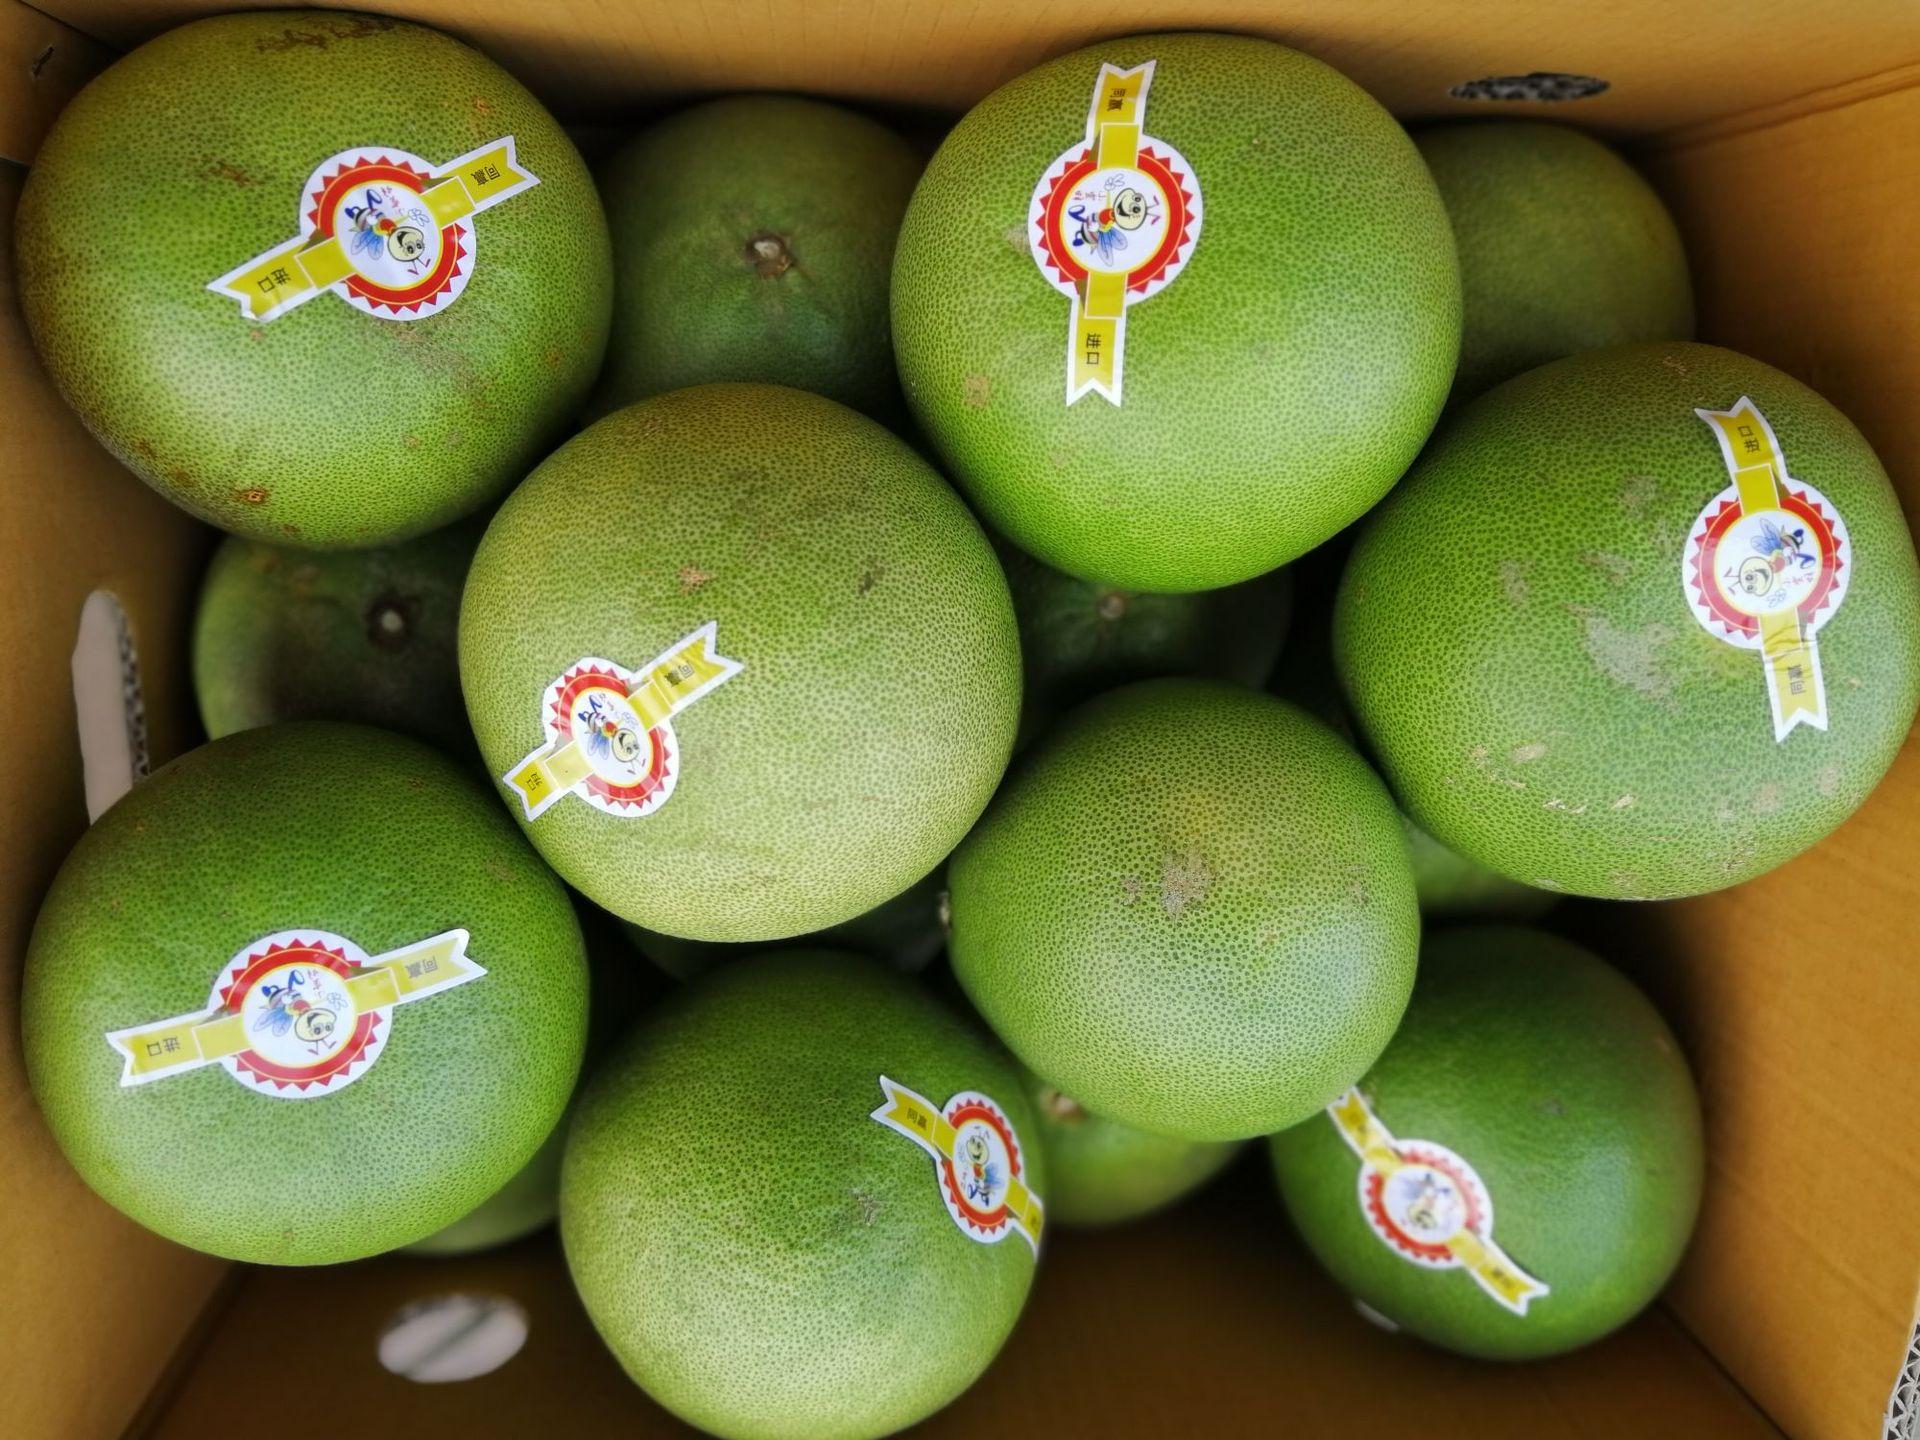 泰国青蜜柚白肉柚子新鲜白心蜜柚当季柚子青柚水蜜柚微商一件代发